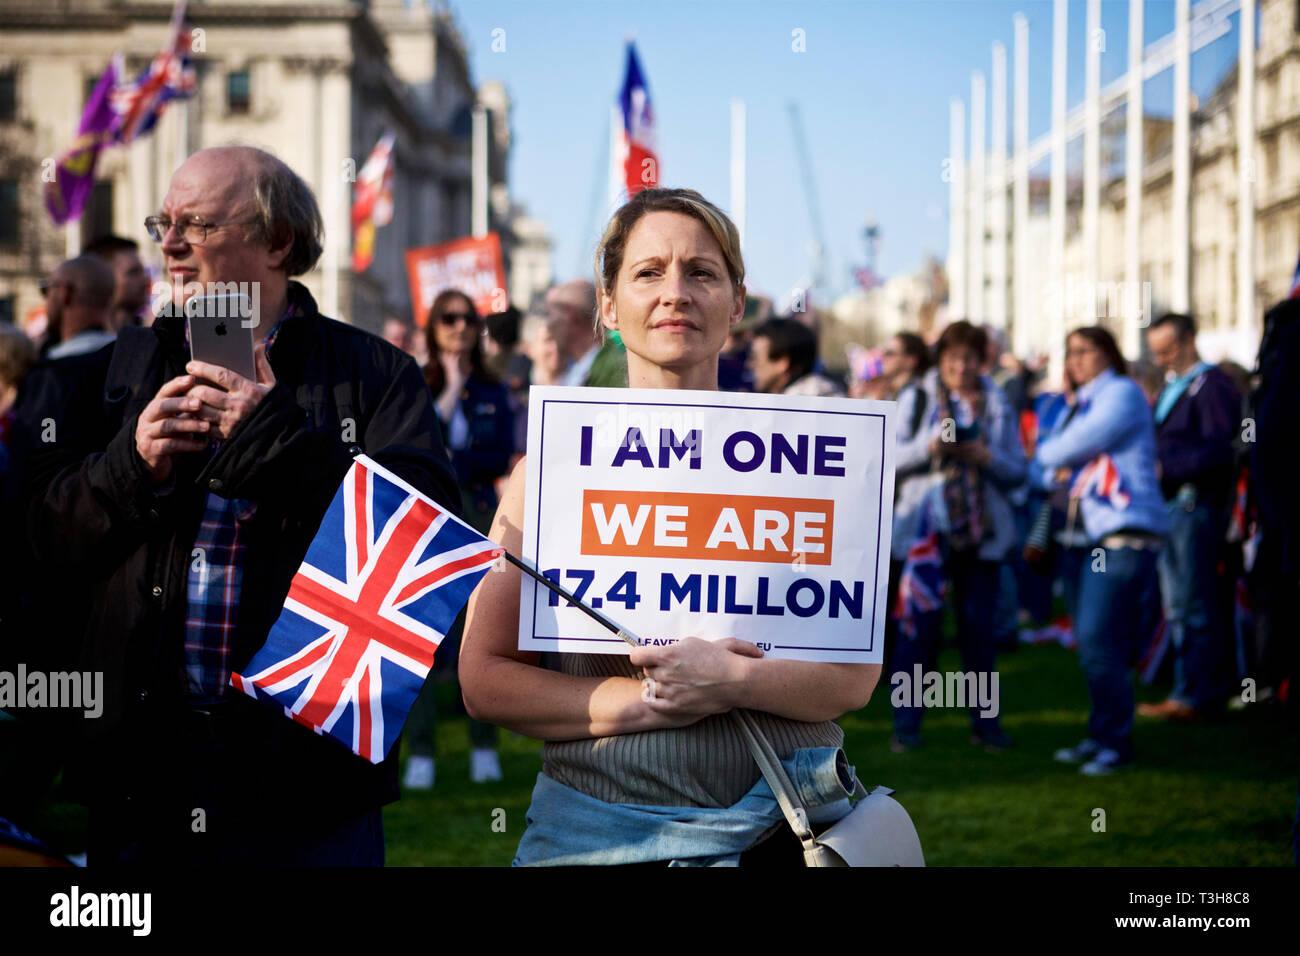 Mitin político / política británica UK / protesta política - el manifestante en una marcha pacífica en pro Brexit rally el 29 de marzo, día Brexit 2019. La democracia británica. Imagen De Stock